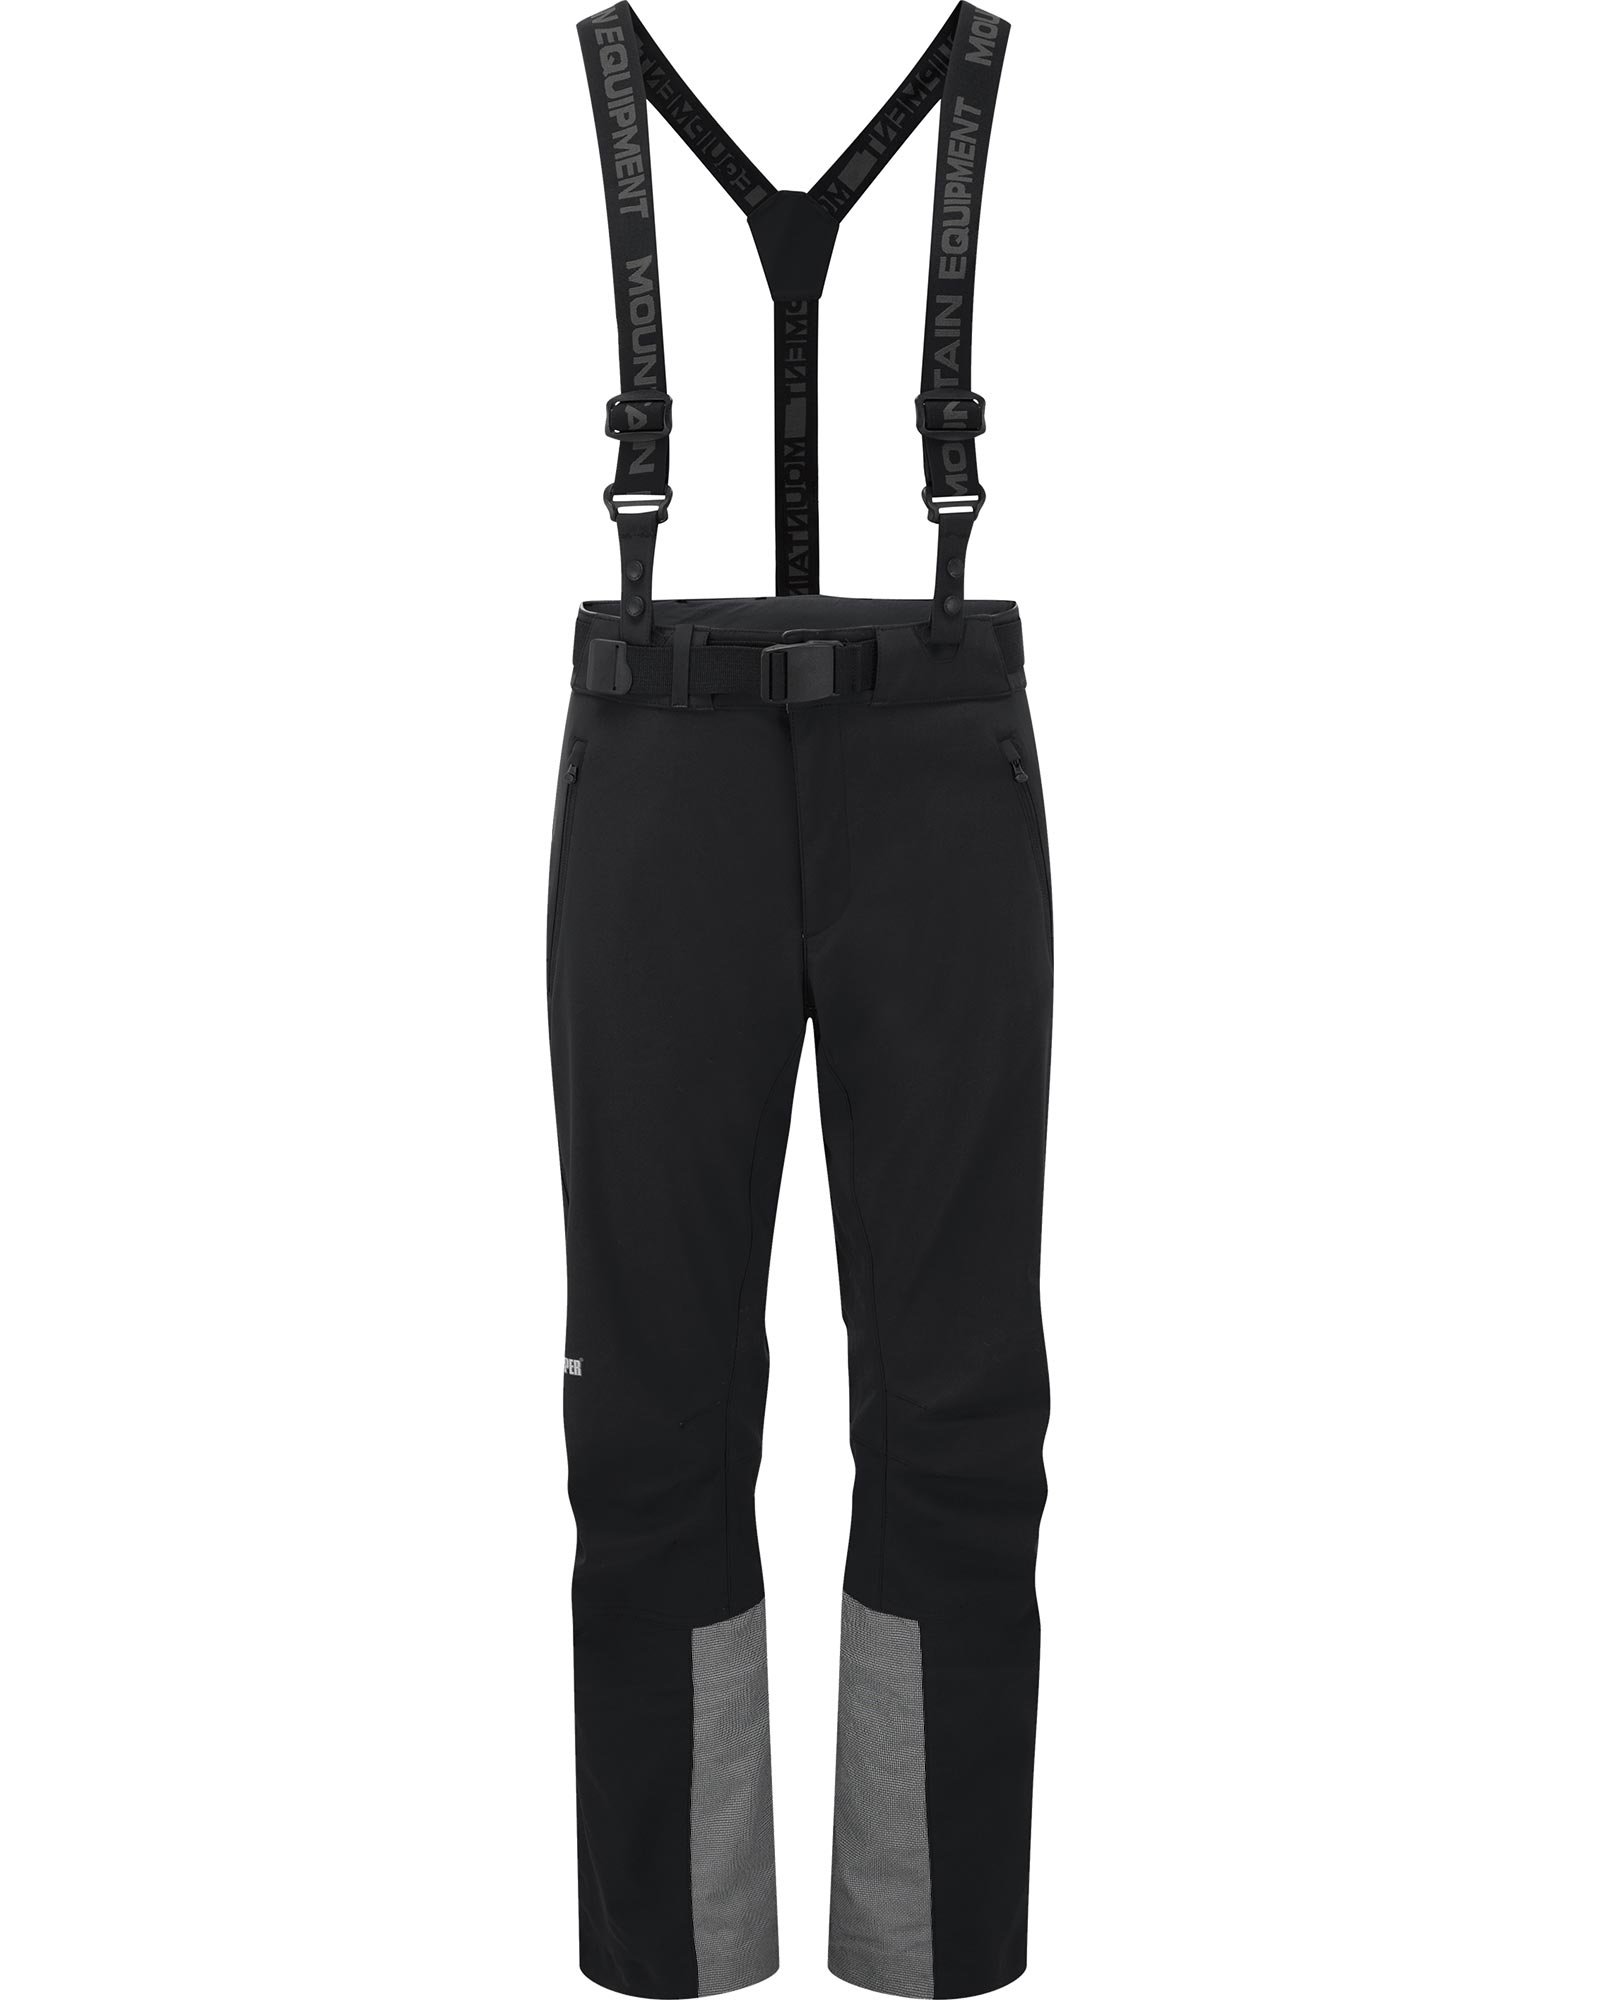 Mountain Equipment Women's G2 Mountain Pants 0